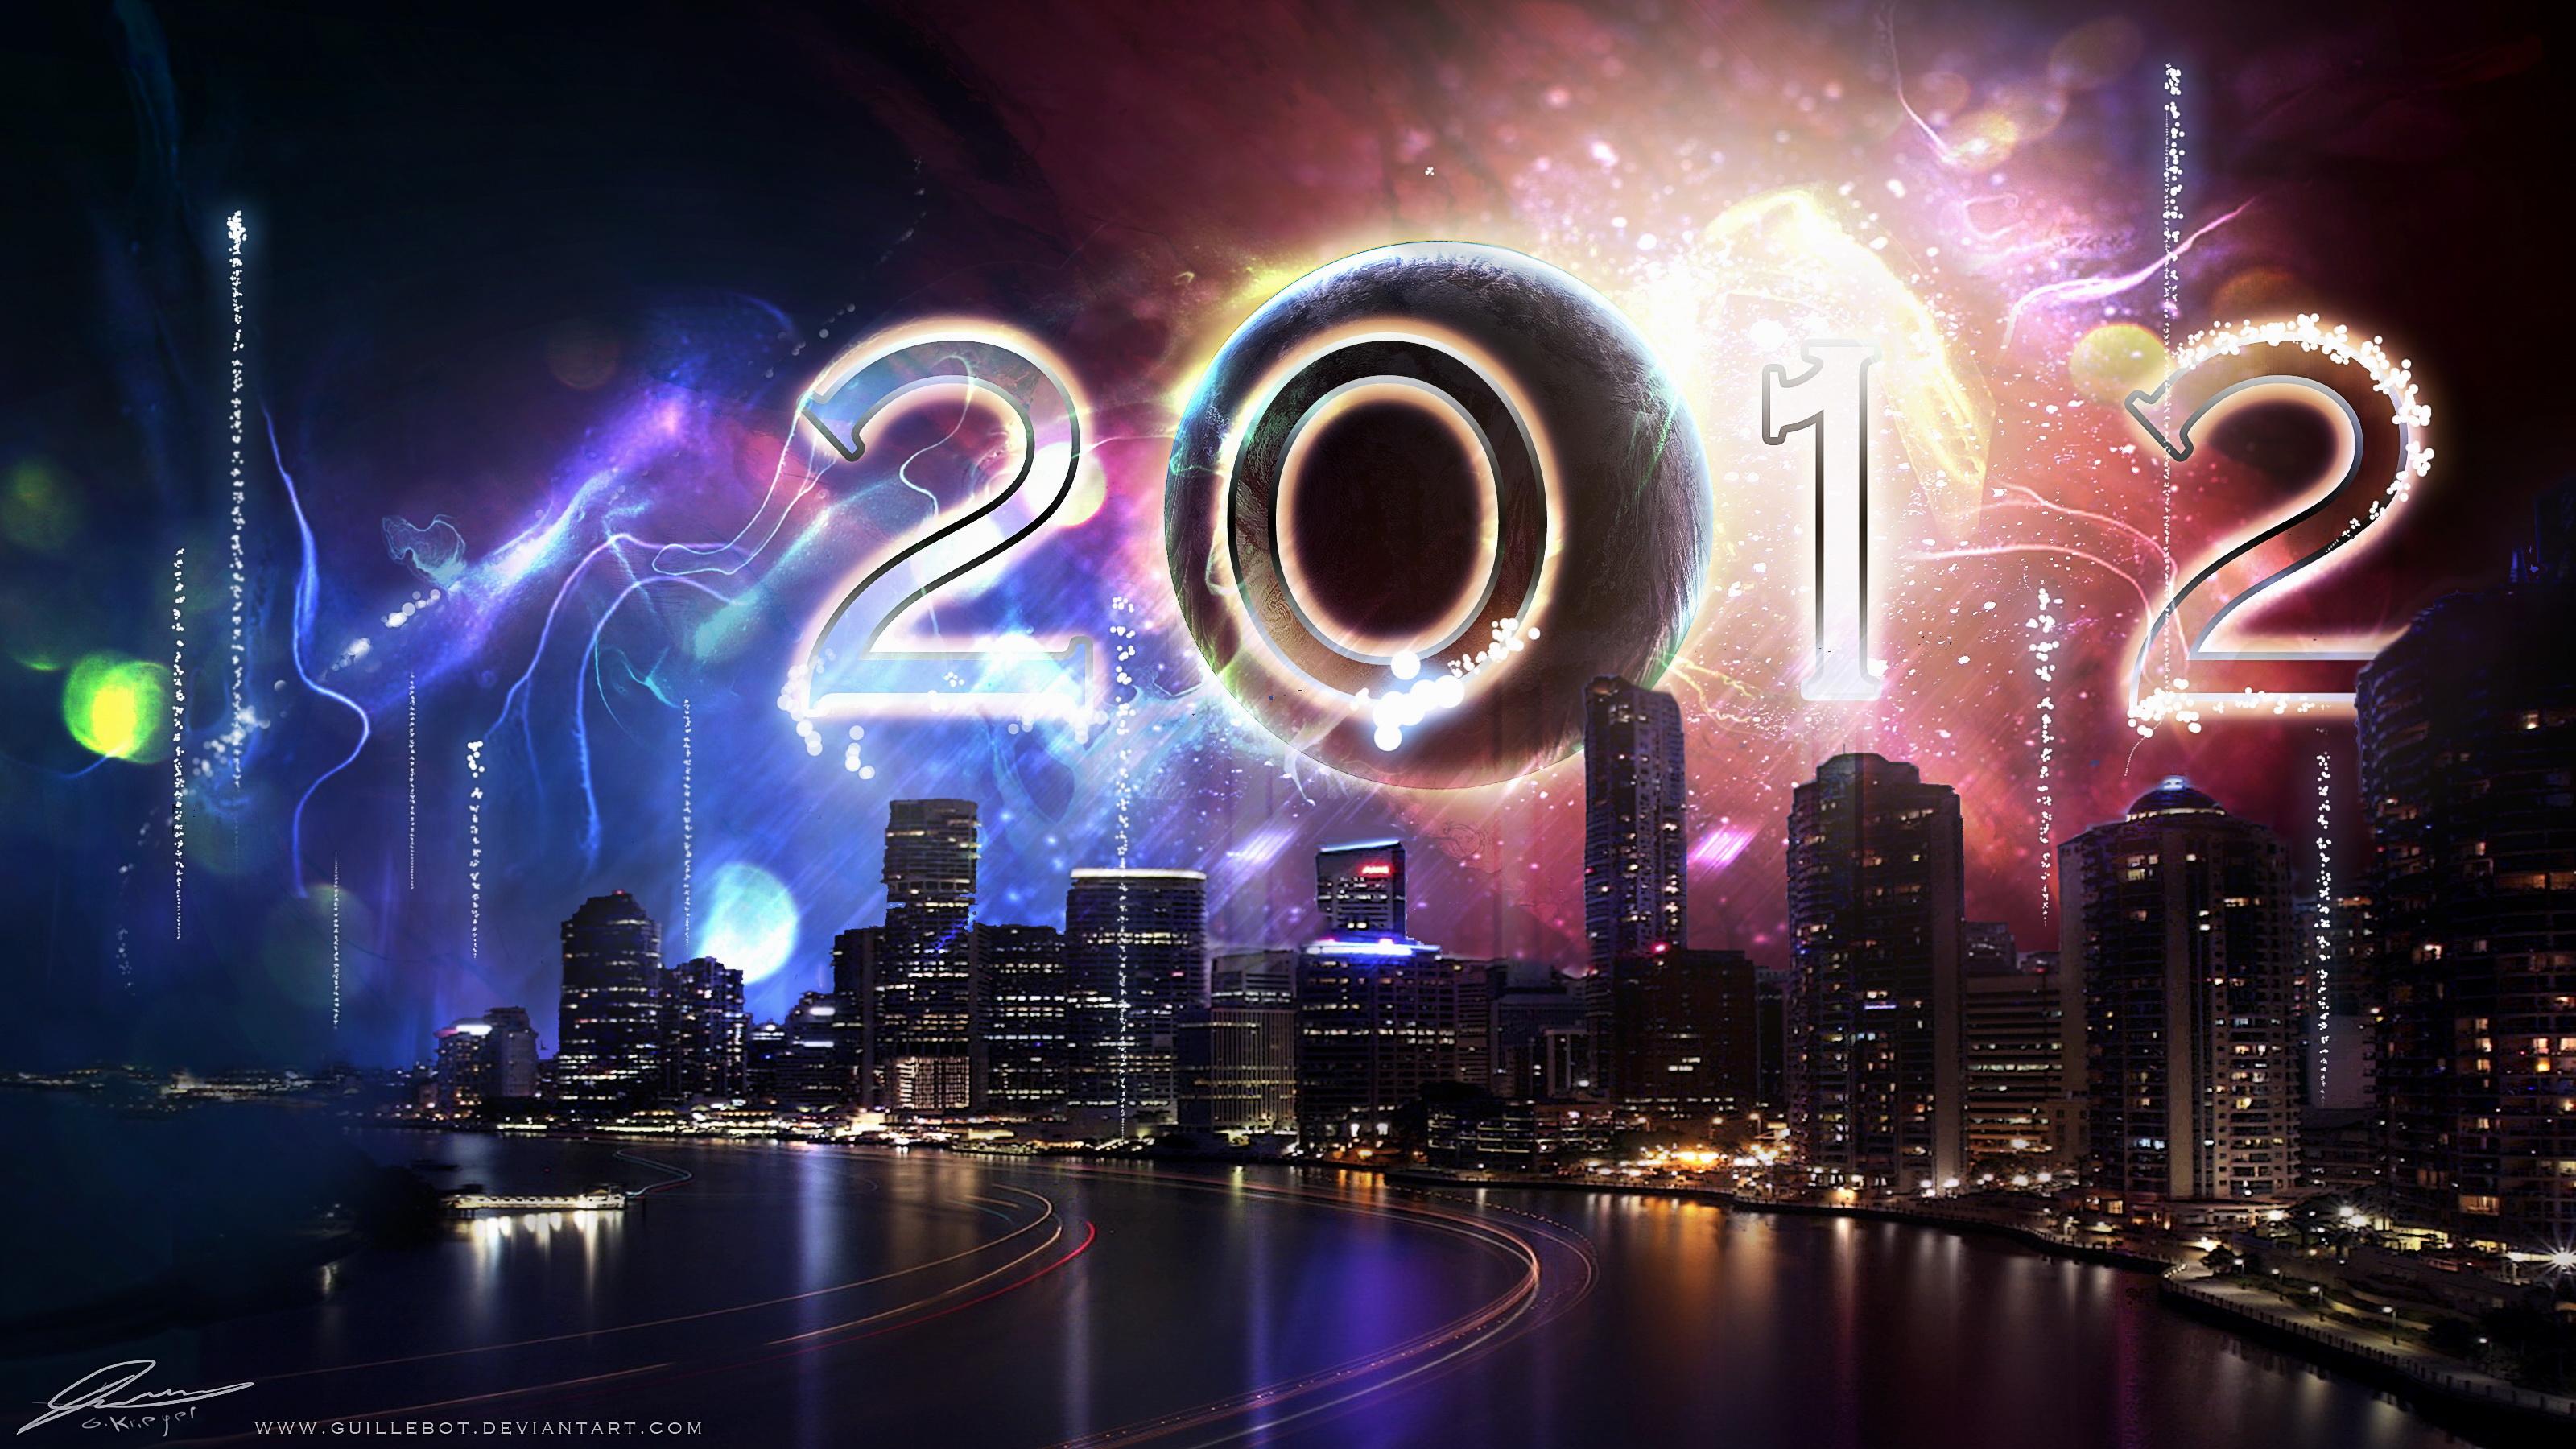 http://fc04.deviantart.net/fs71/f/2011/338/8/a/2012_new_year_by_guillebot-d4i5tzh.jpg